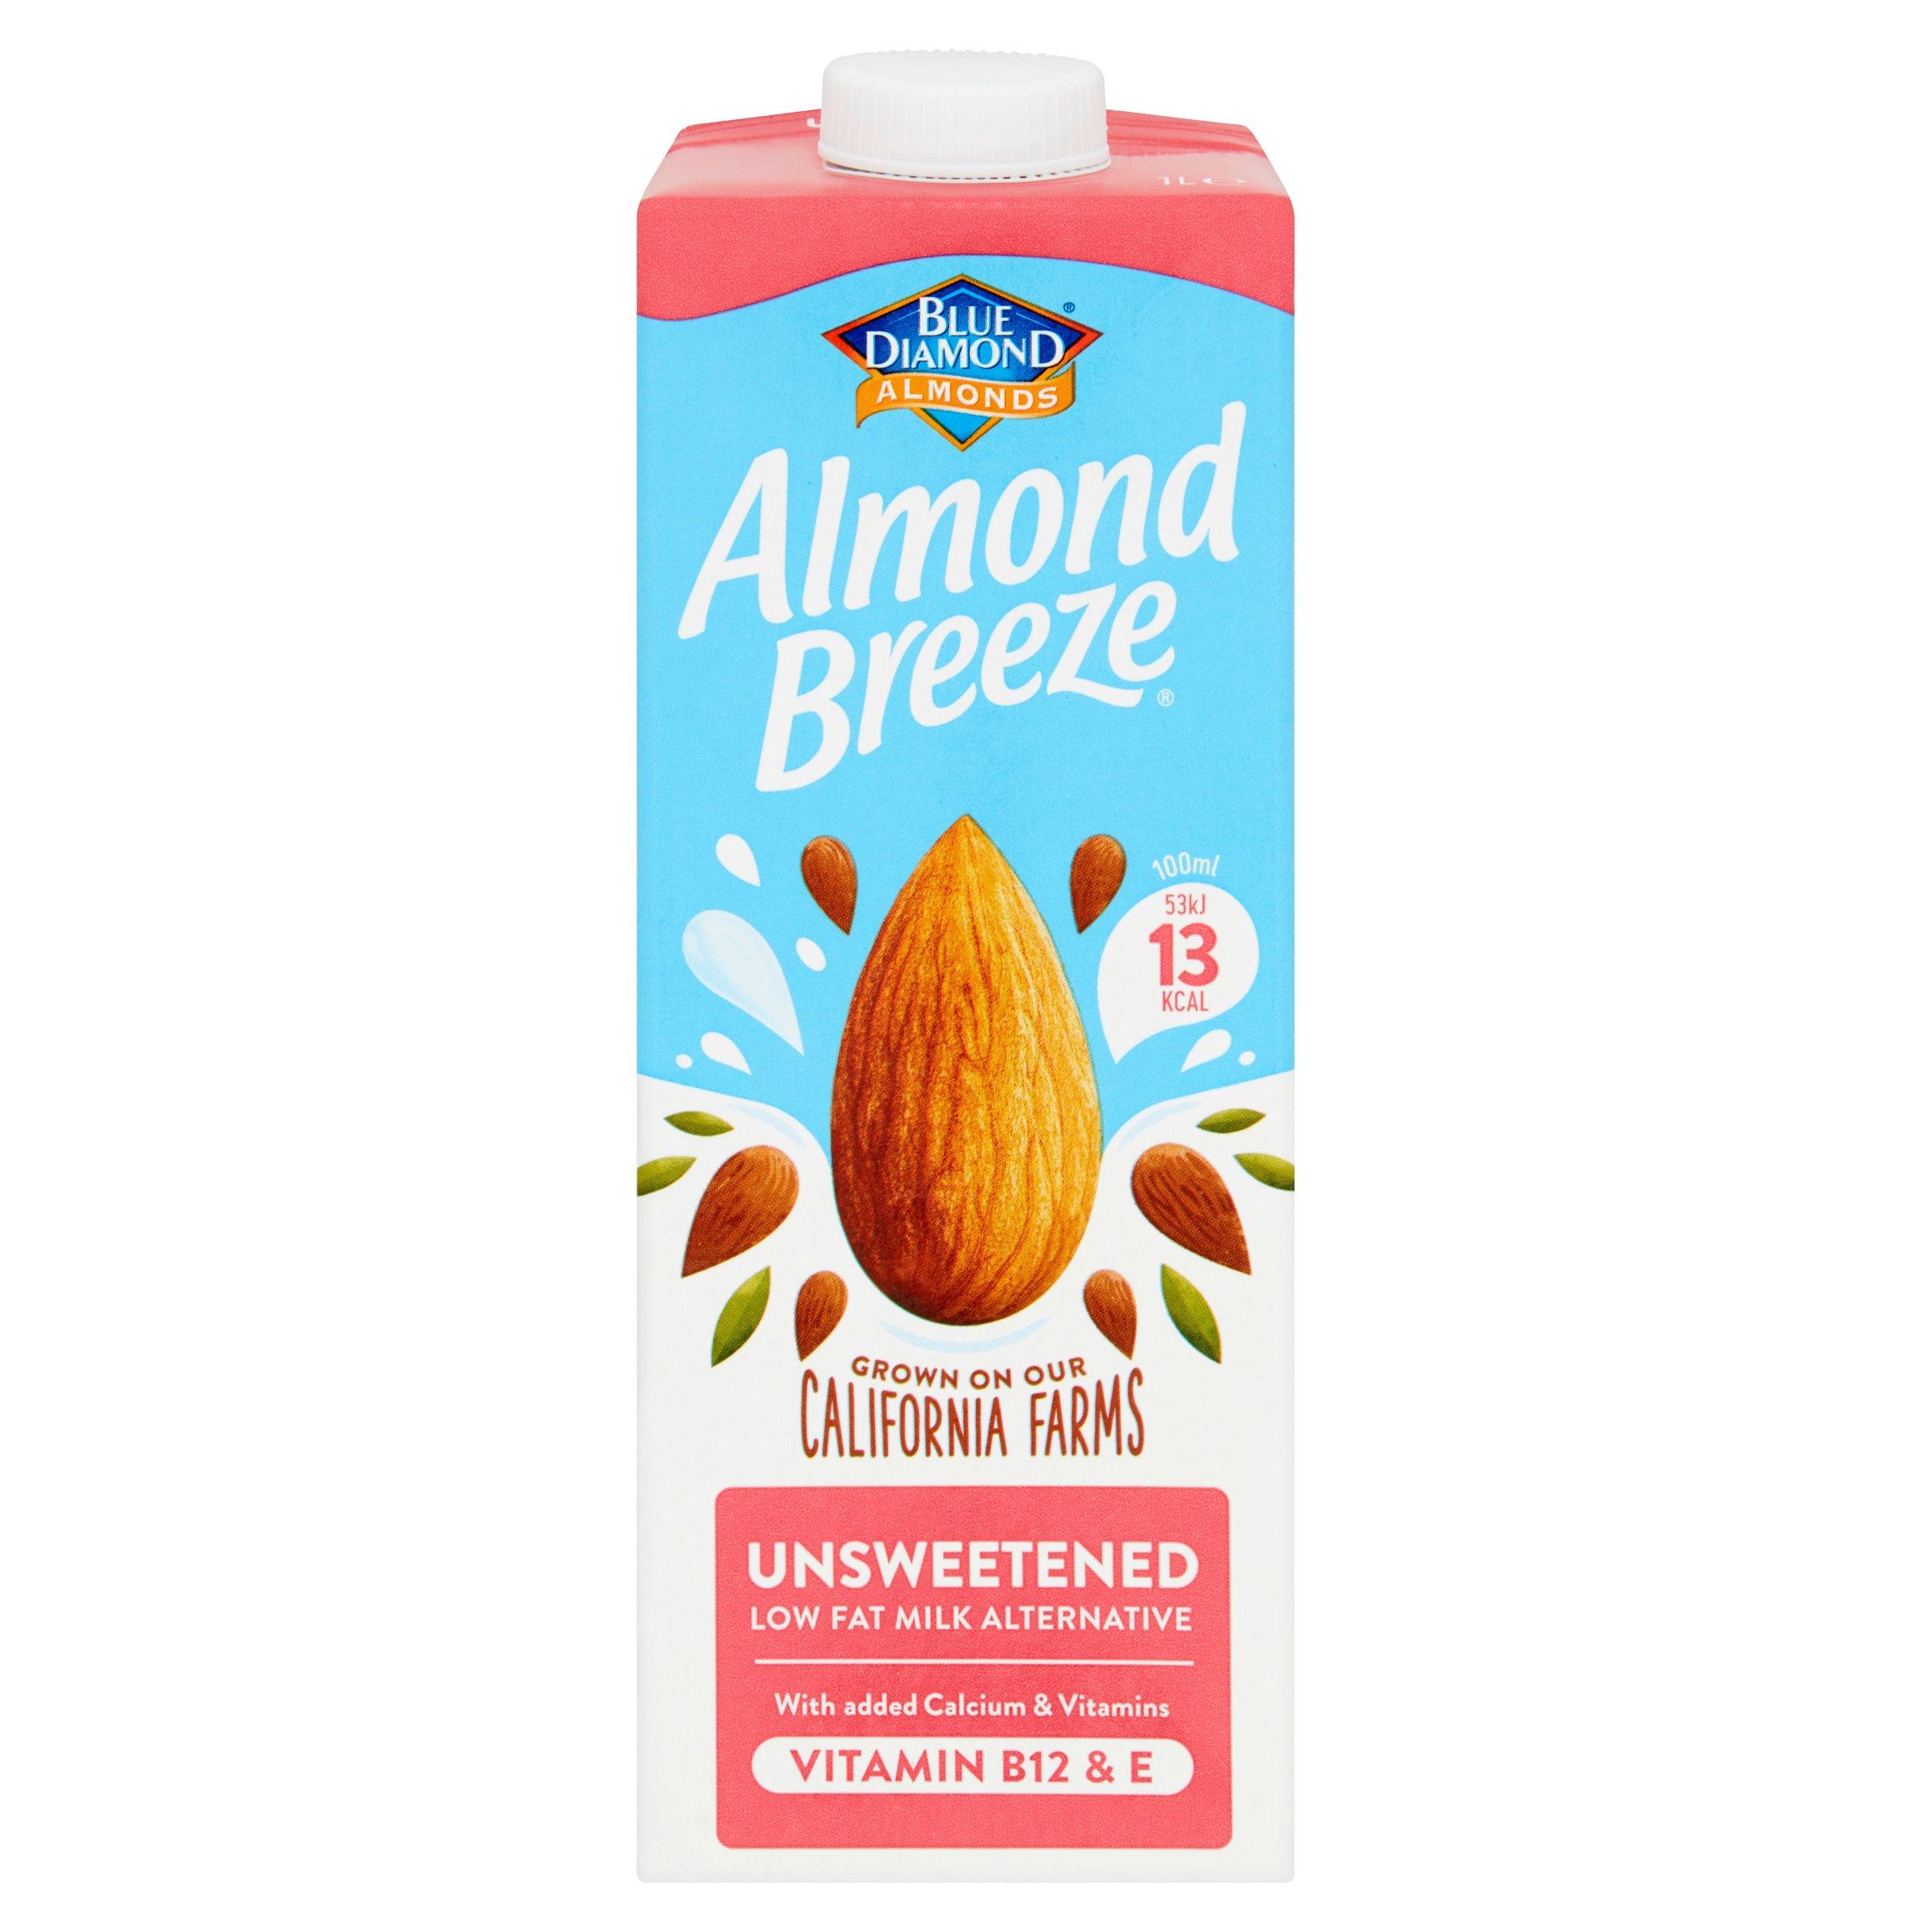 Blue Diamond Almond Breeze Unsweetened Drink 1L